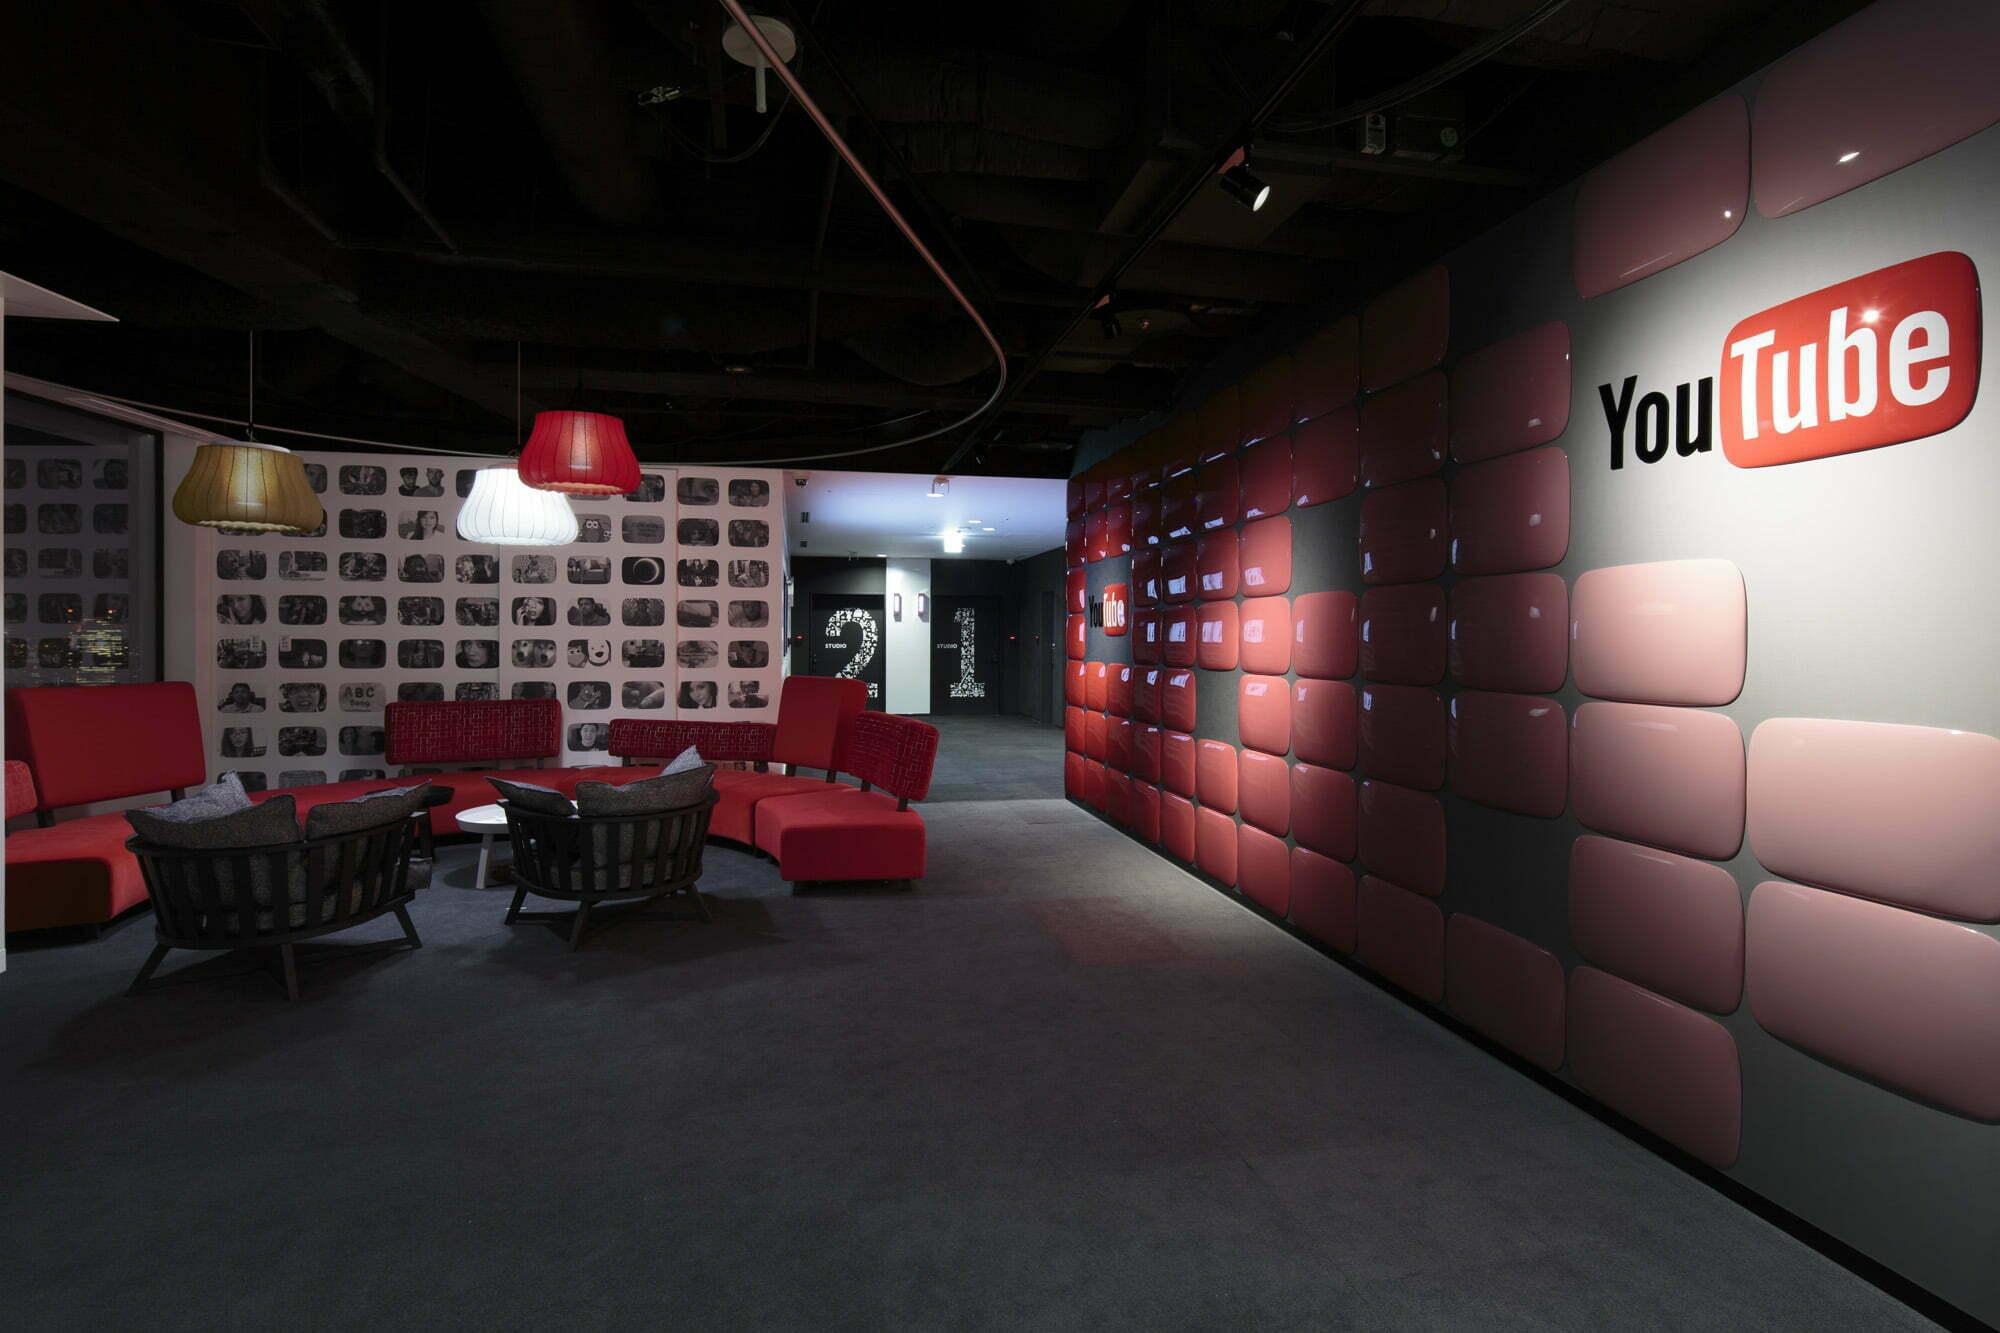 youtube space la venue - HD1200×799